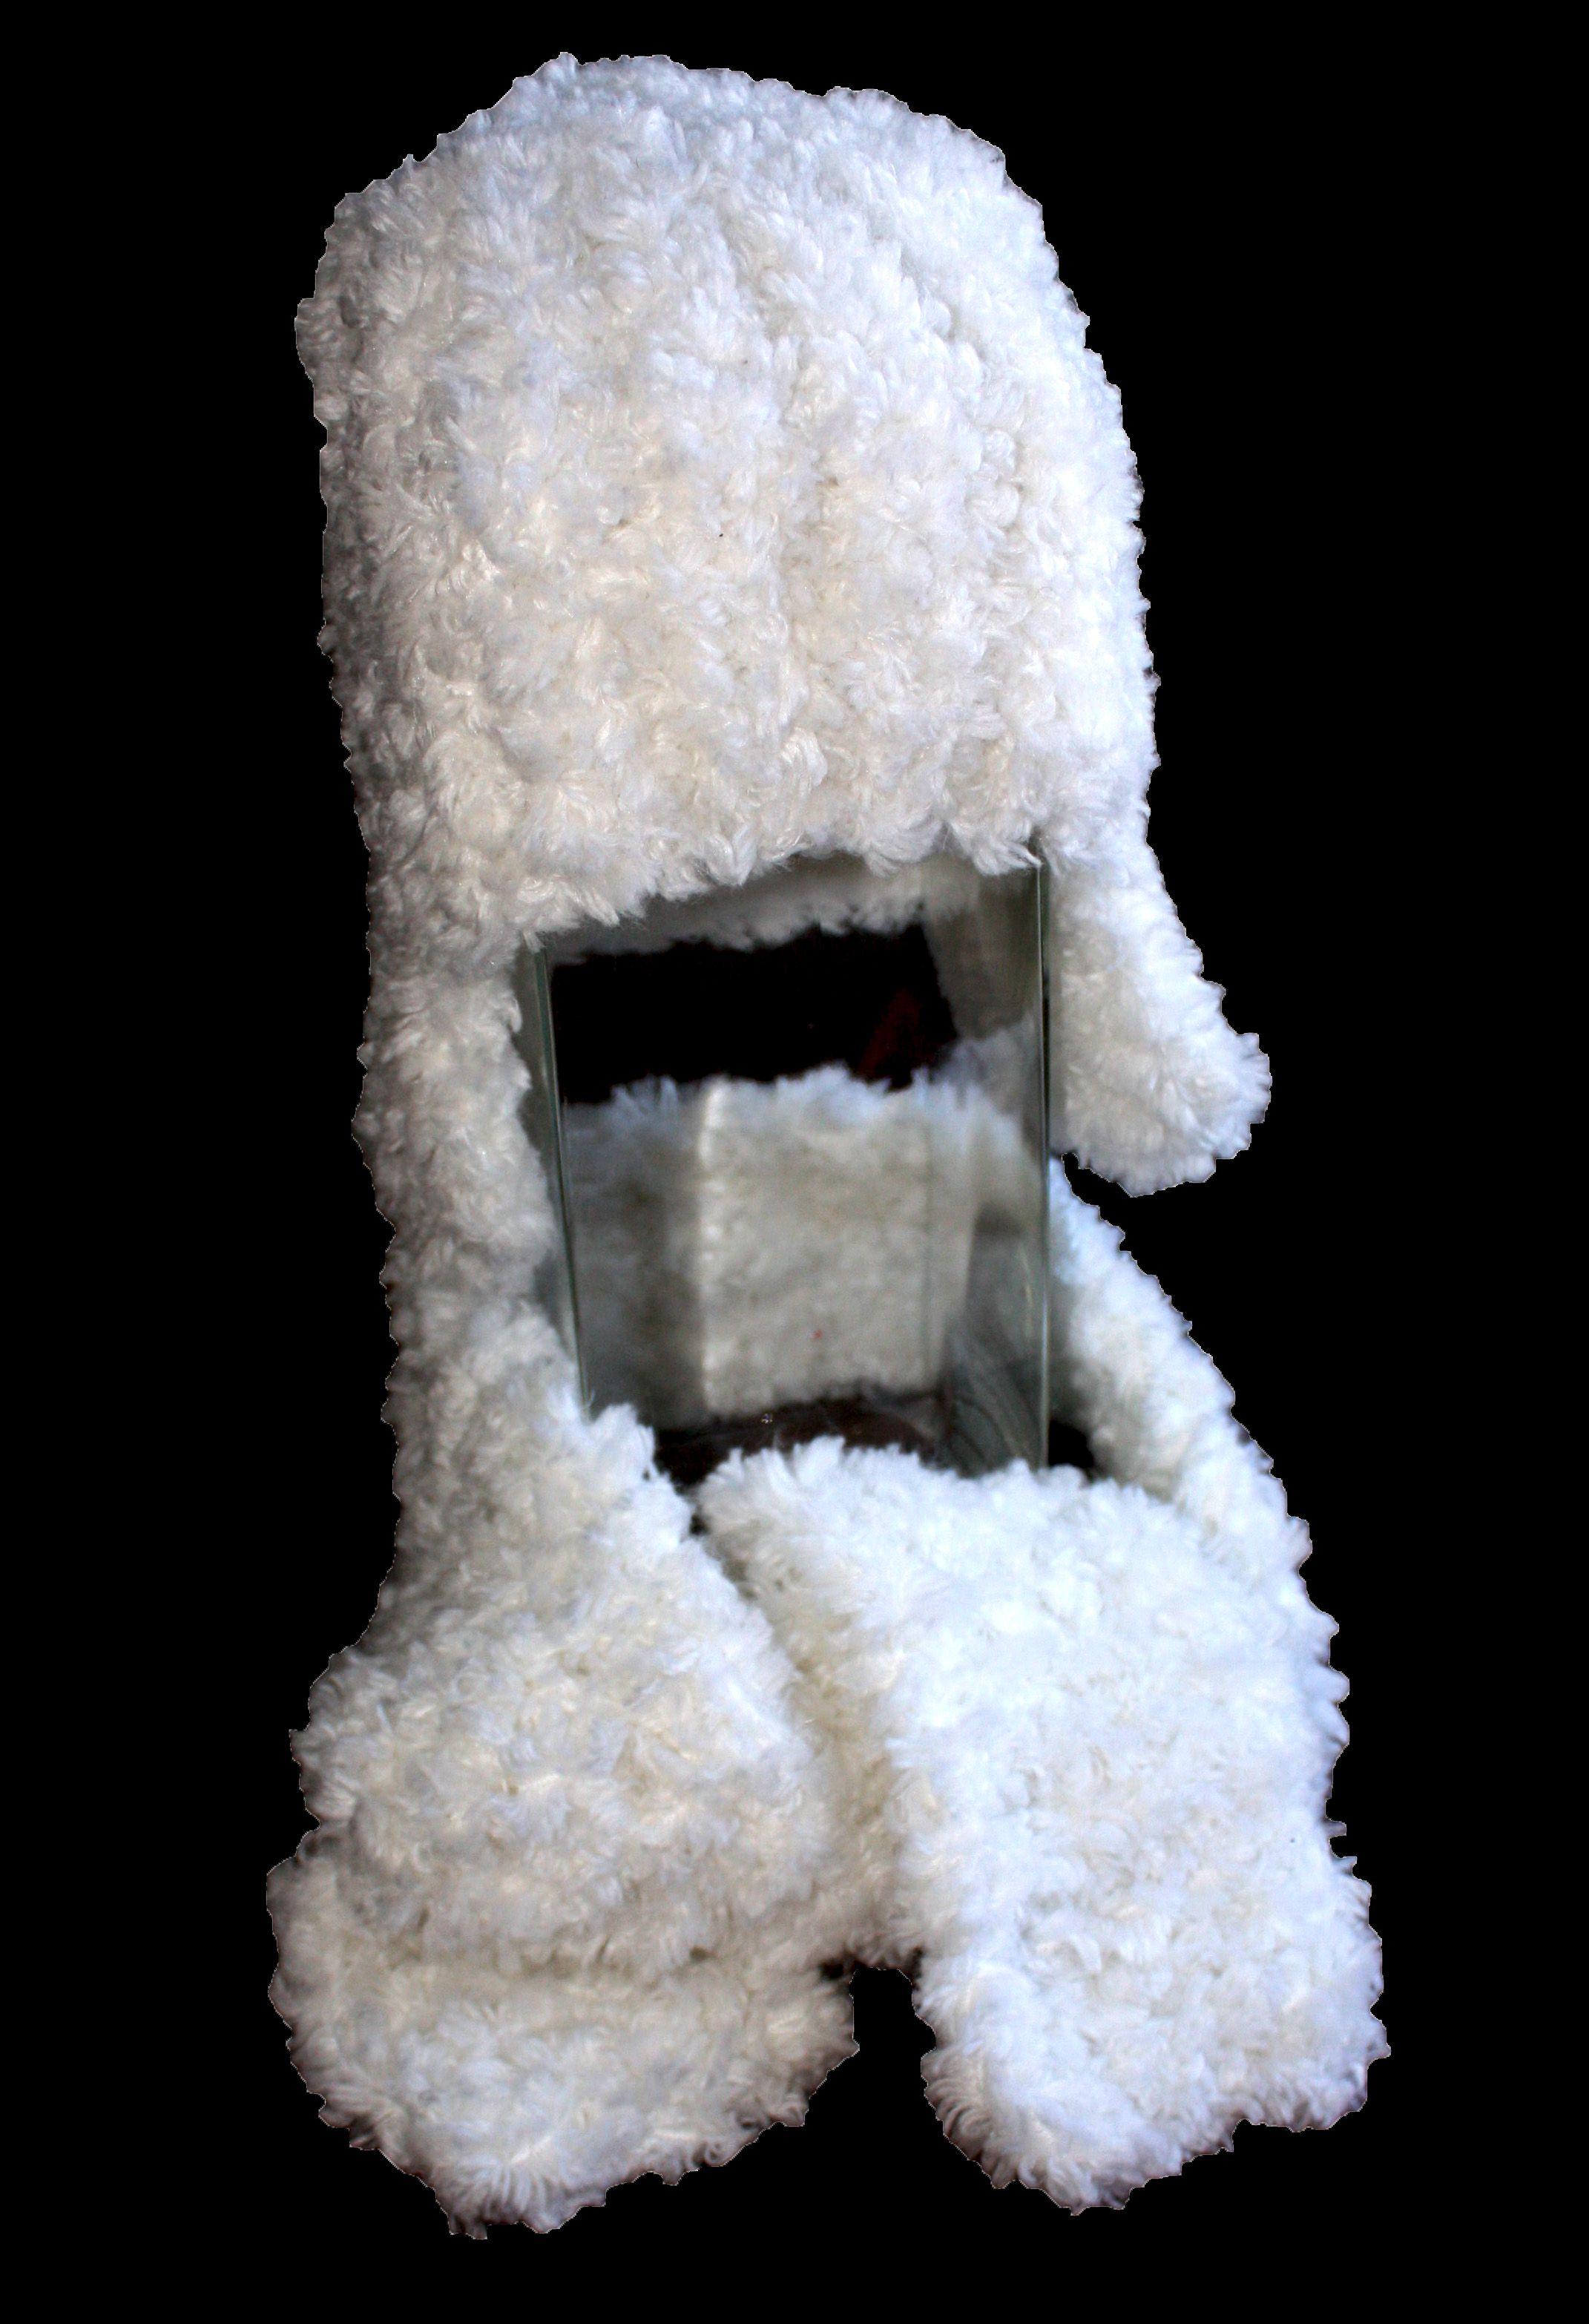 спицами теплая пушистый мягкий ушанка связанное и шапка аксессуары ручная детские детям шляпы шапки комплекты продажа купить работа белый детский комплект теплый